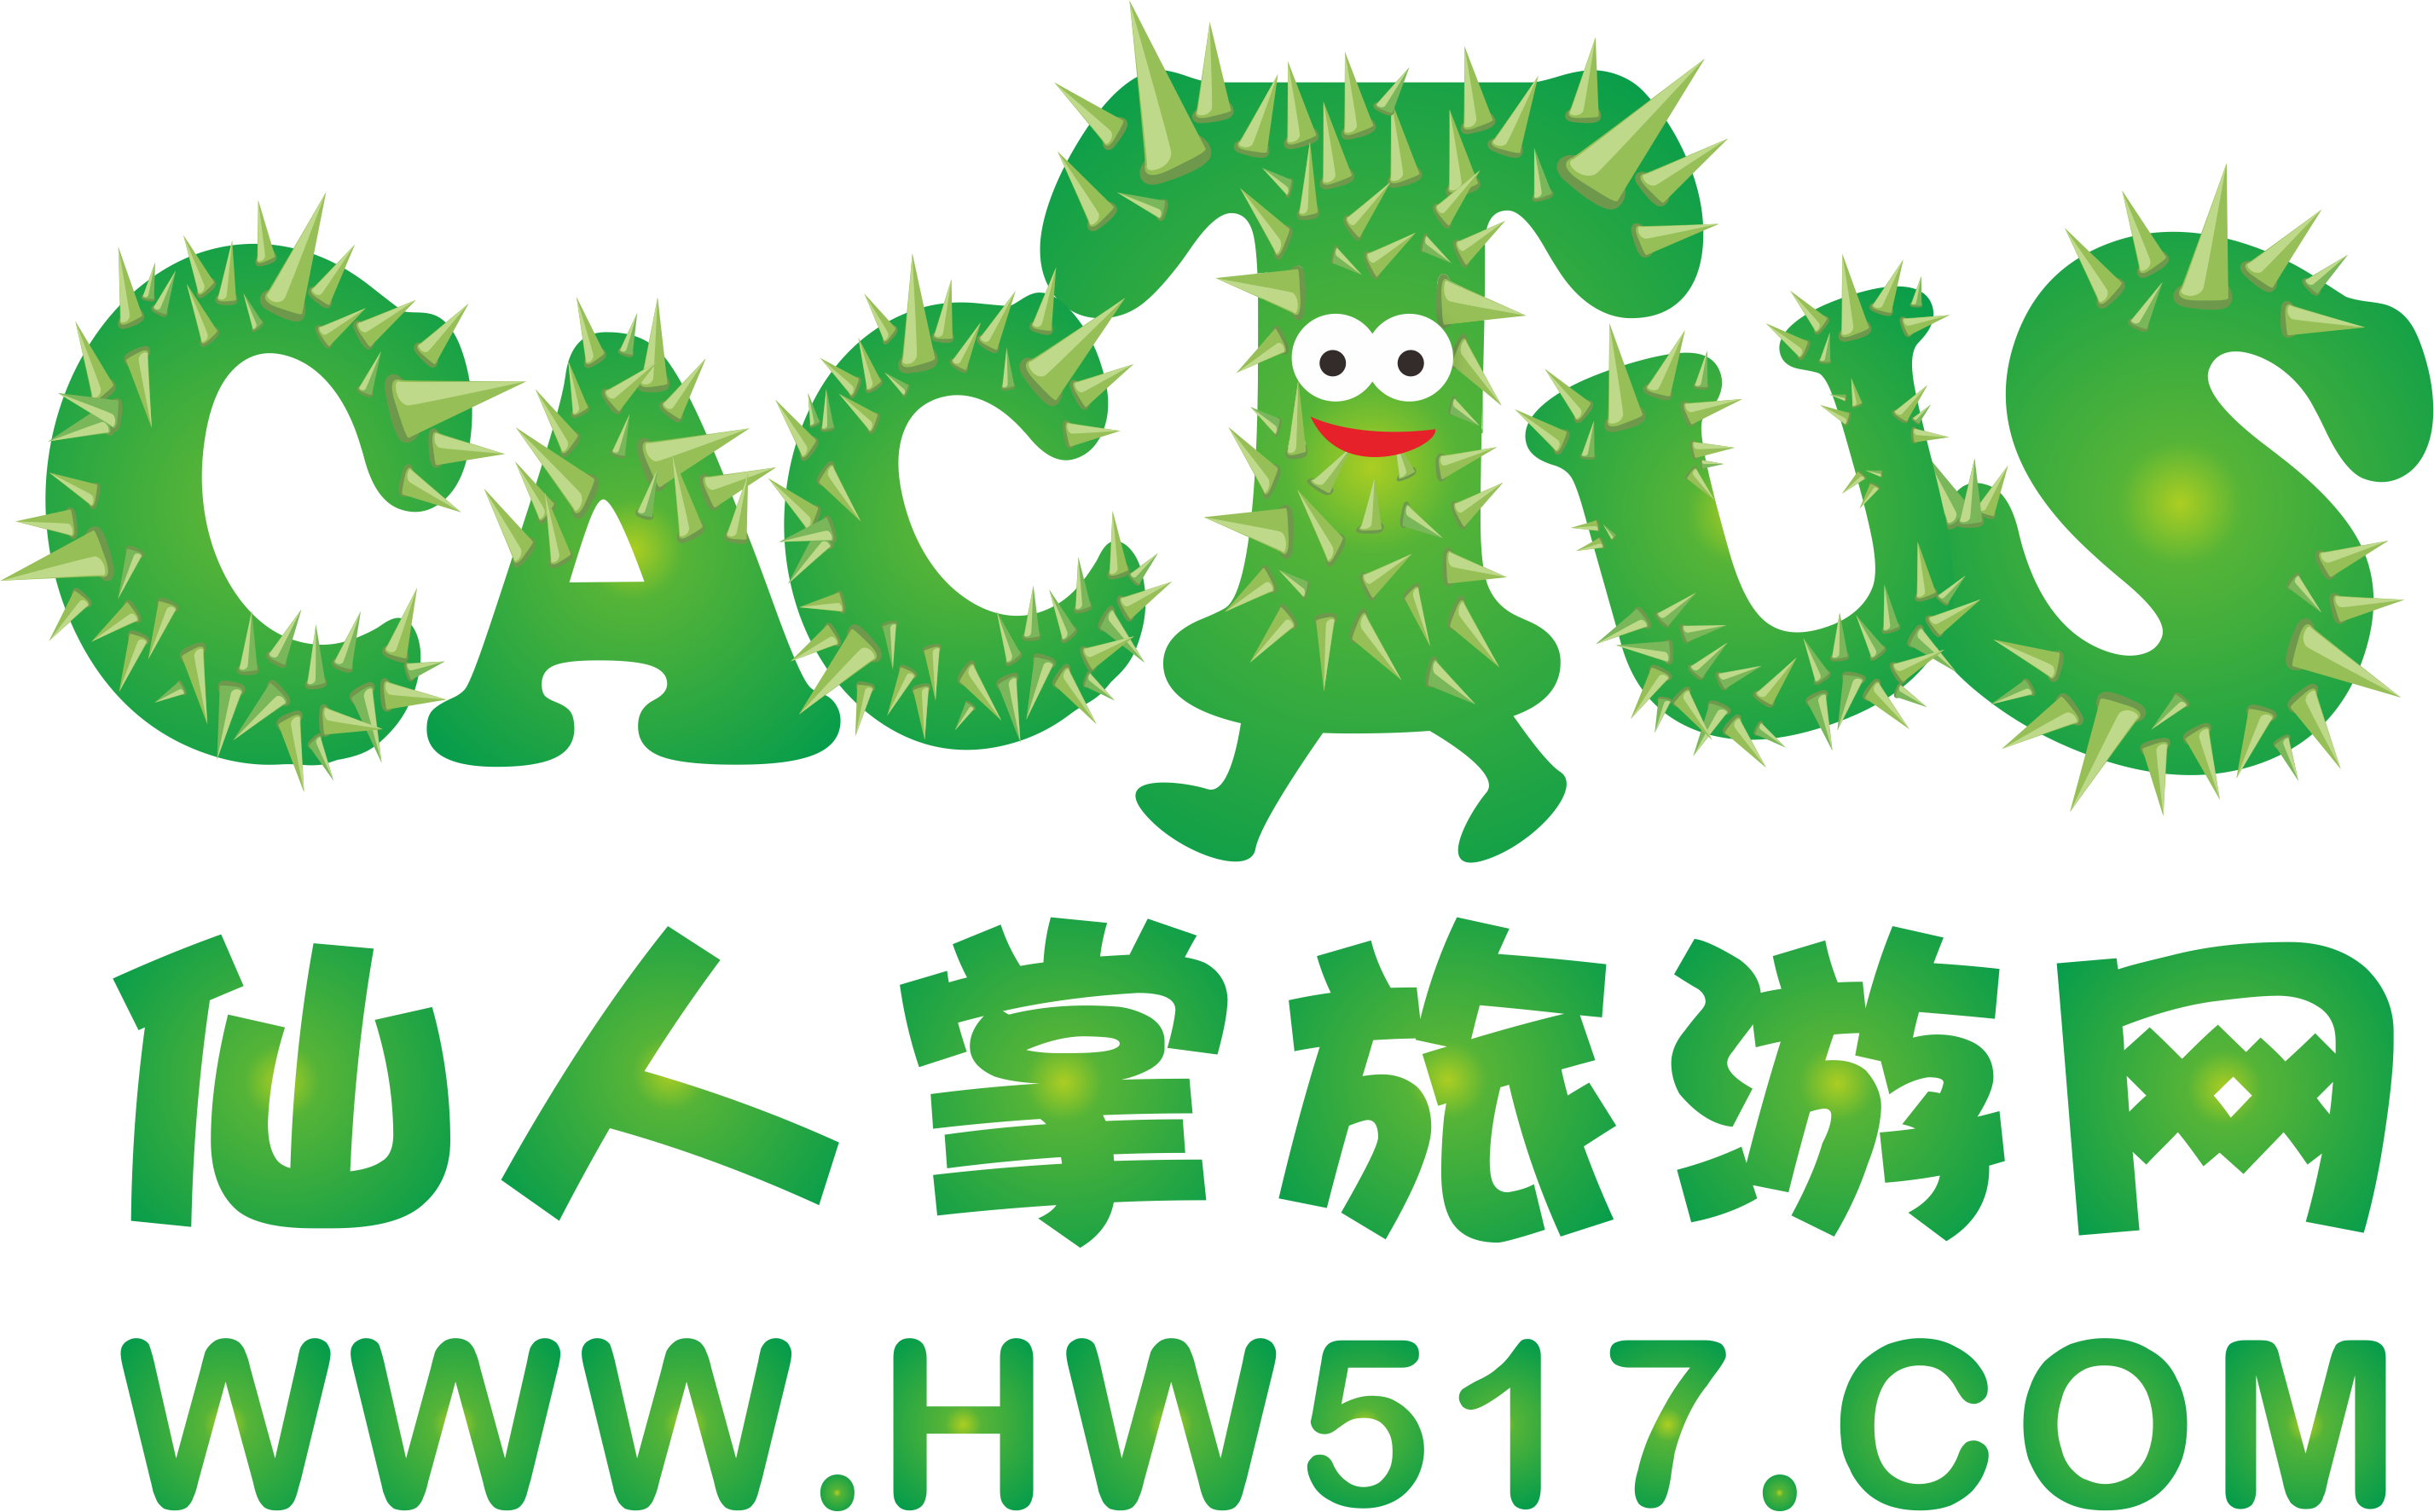 【仙人掌旅游】衢州根宫佛国、钱江源特价二日游(含1早2正餐)